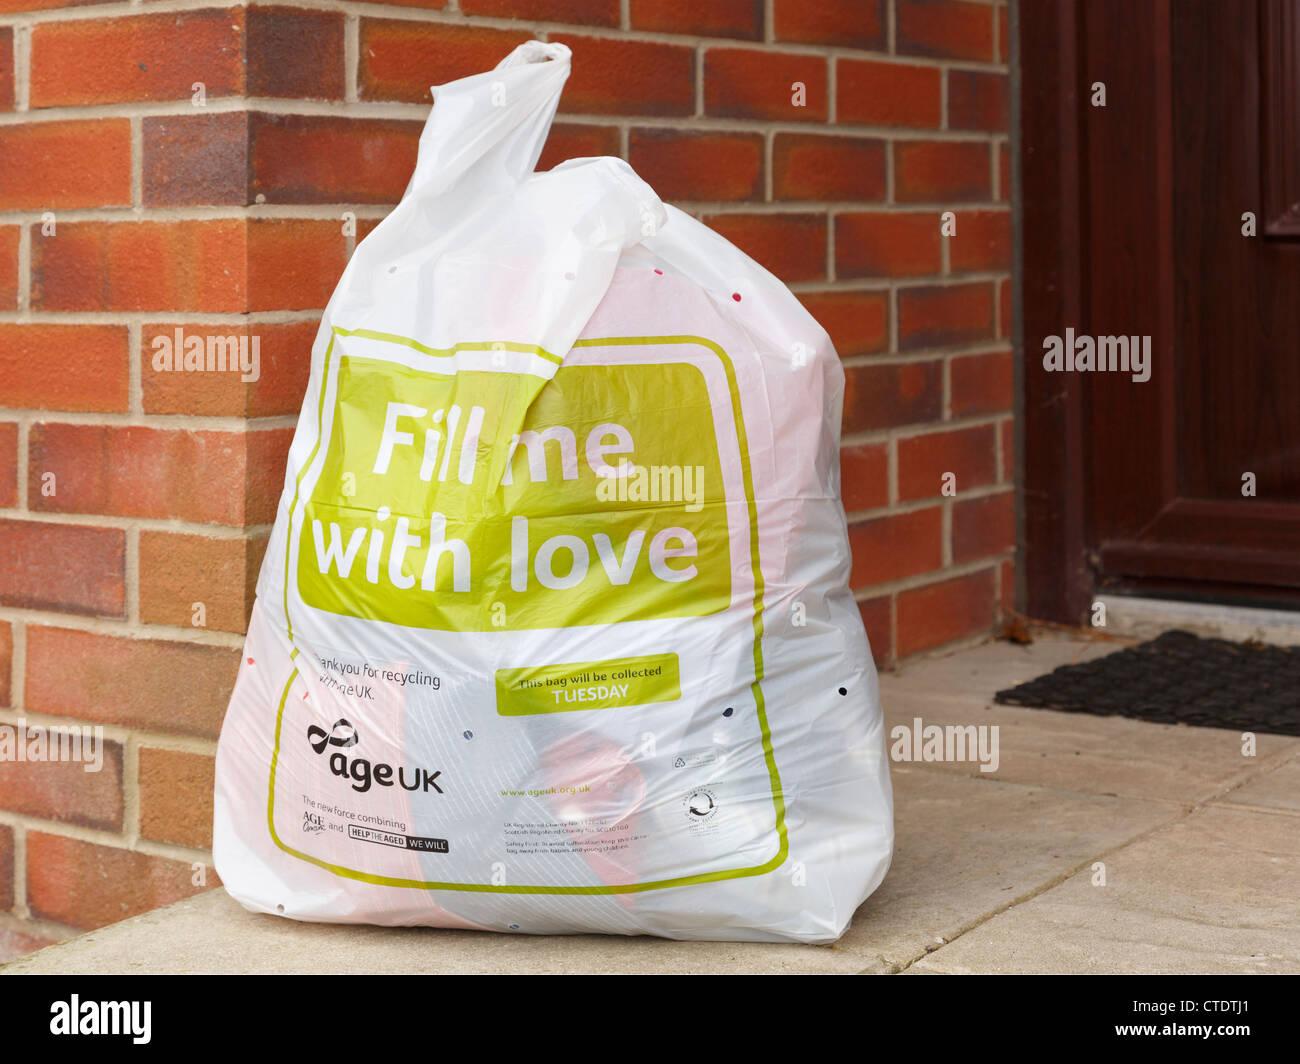 Alter UK Charity Kleidung recycling Tasche voll von alten Kleidung für Sammlung vor einem Haus Stockbild